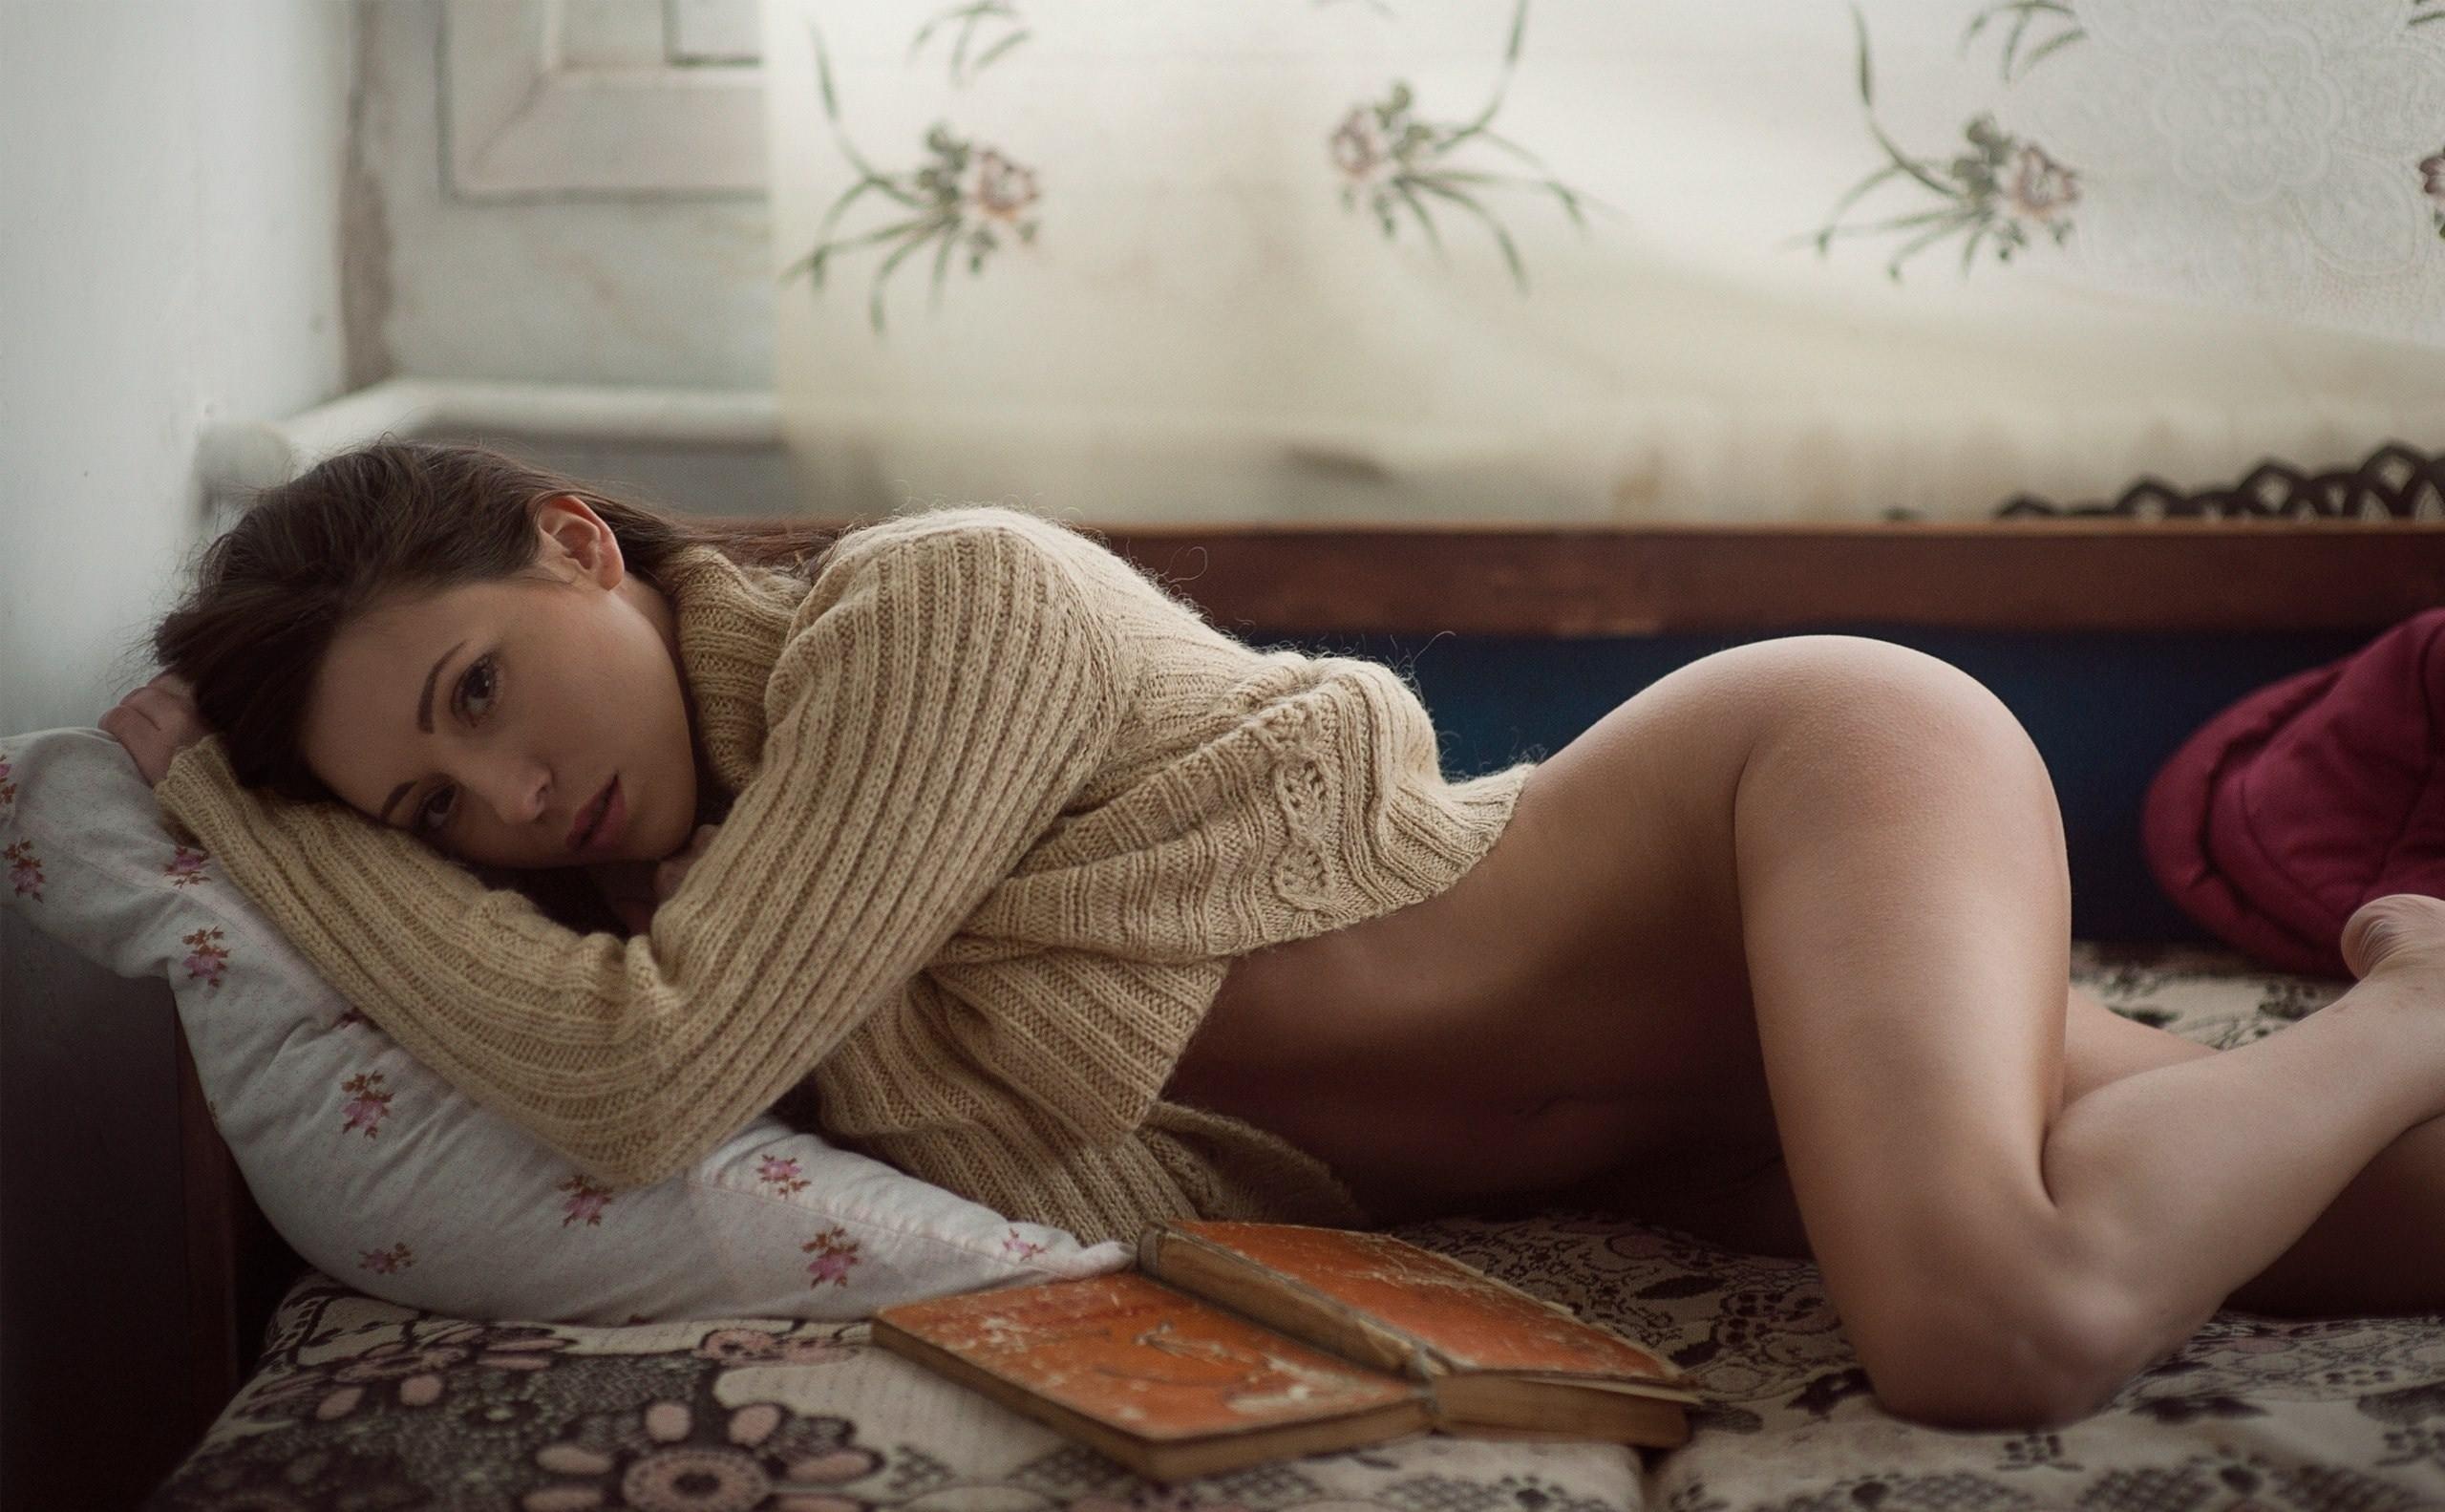 Фото Девушка в кофте читала книгу без трусиков на кровати, сексуальные бедра, скачать картинку бесплатно